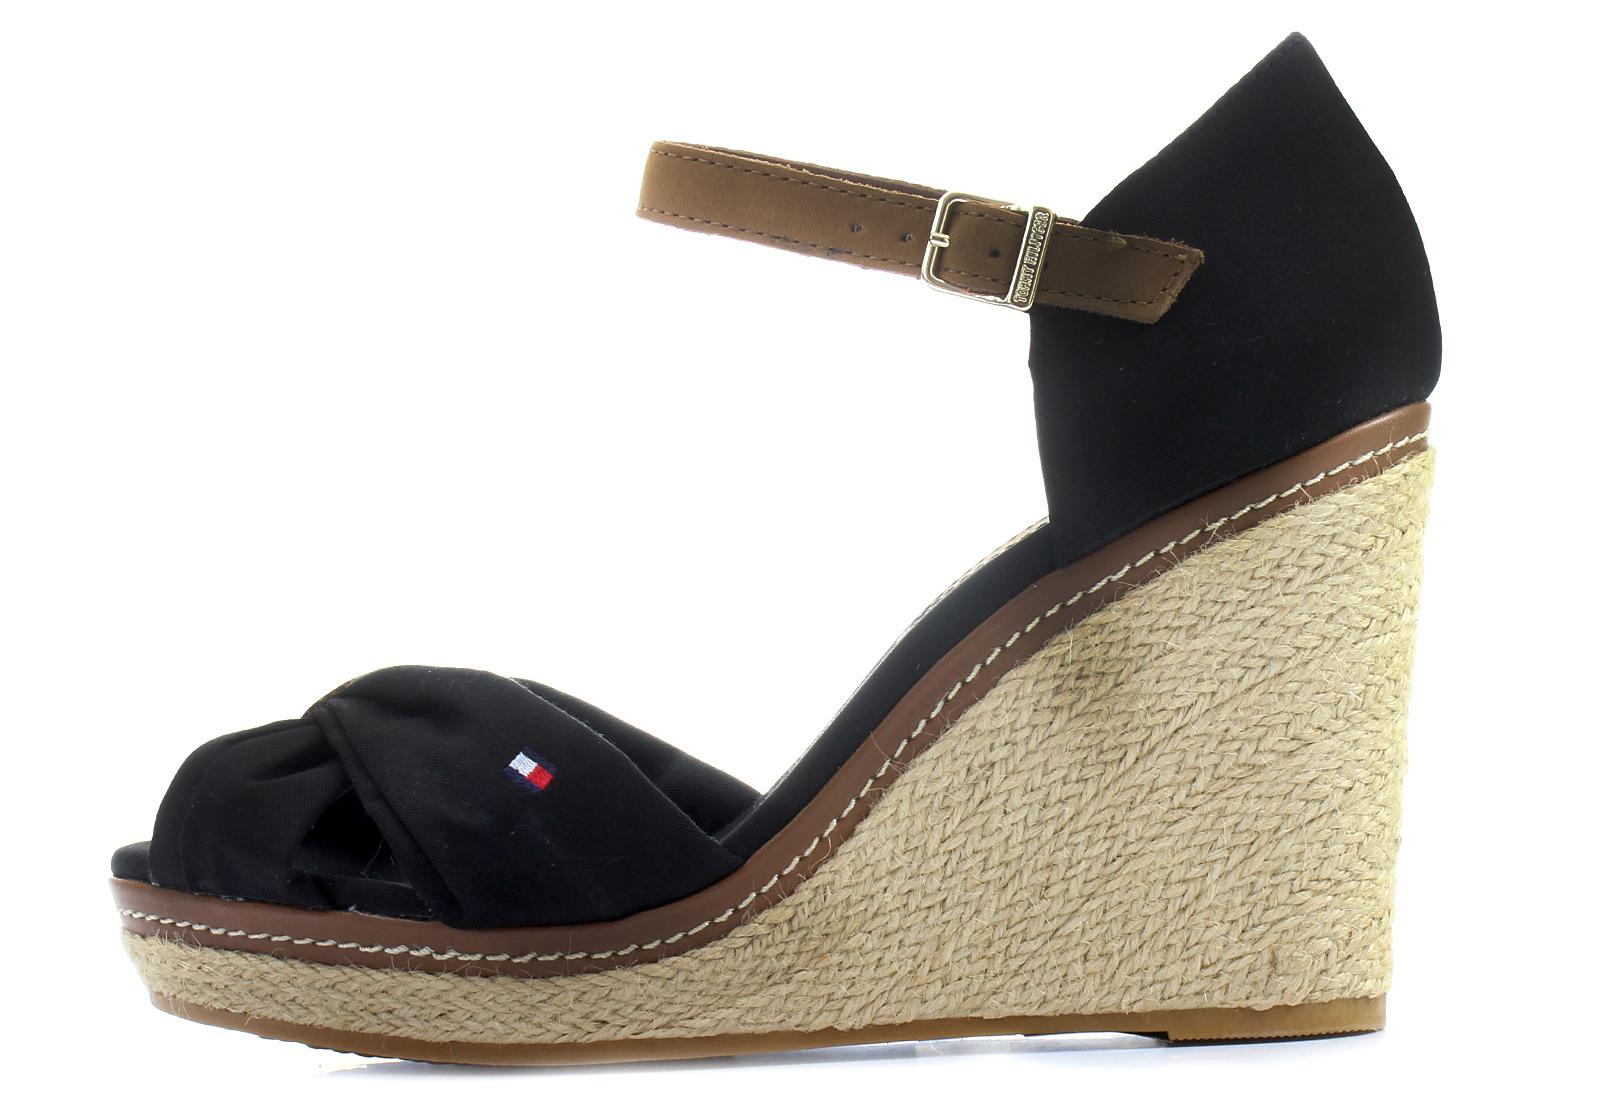 tommy hilfiger sandals emery 54d 14s 6770 990 online shop for. Black Bedroom Furniture Sets. Home Design Ideas